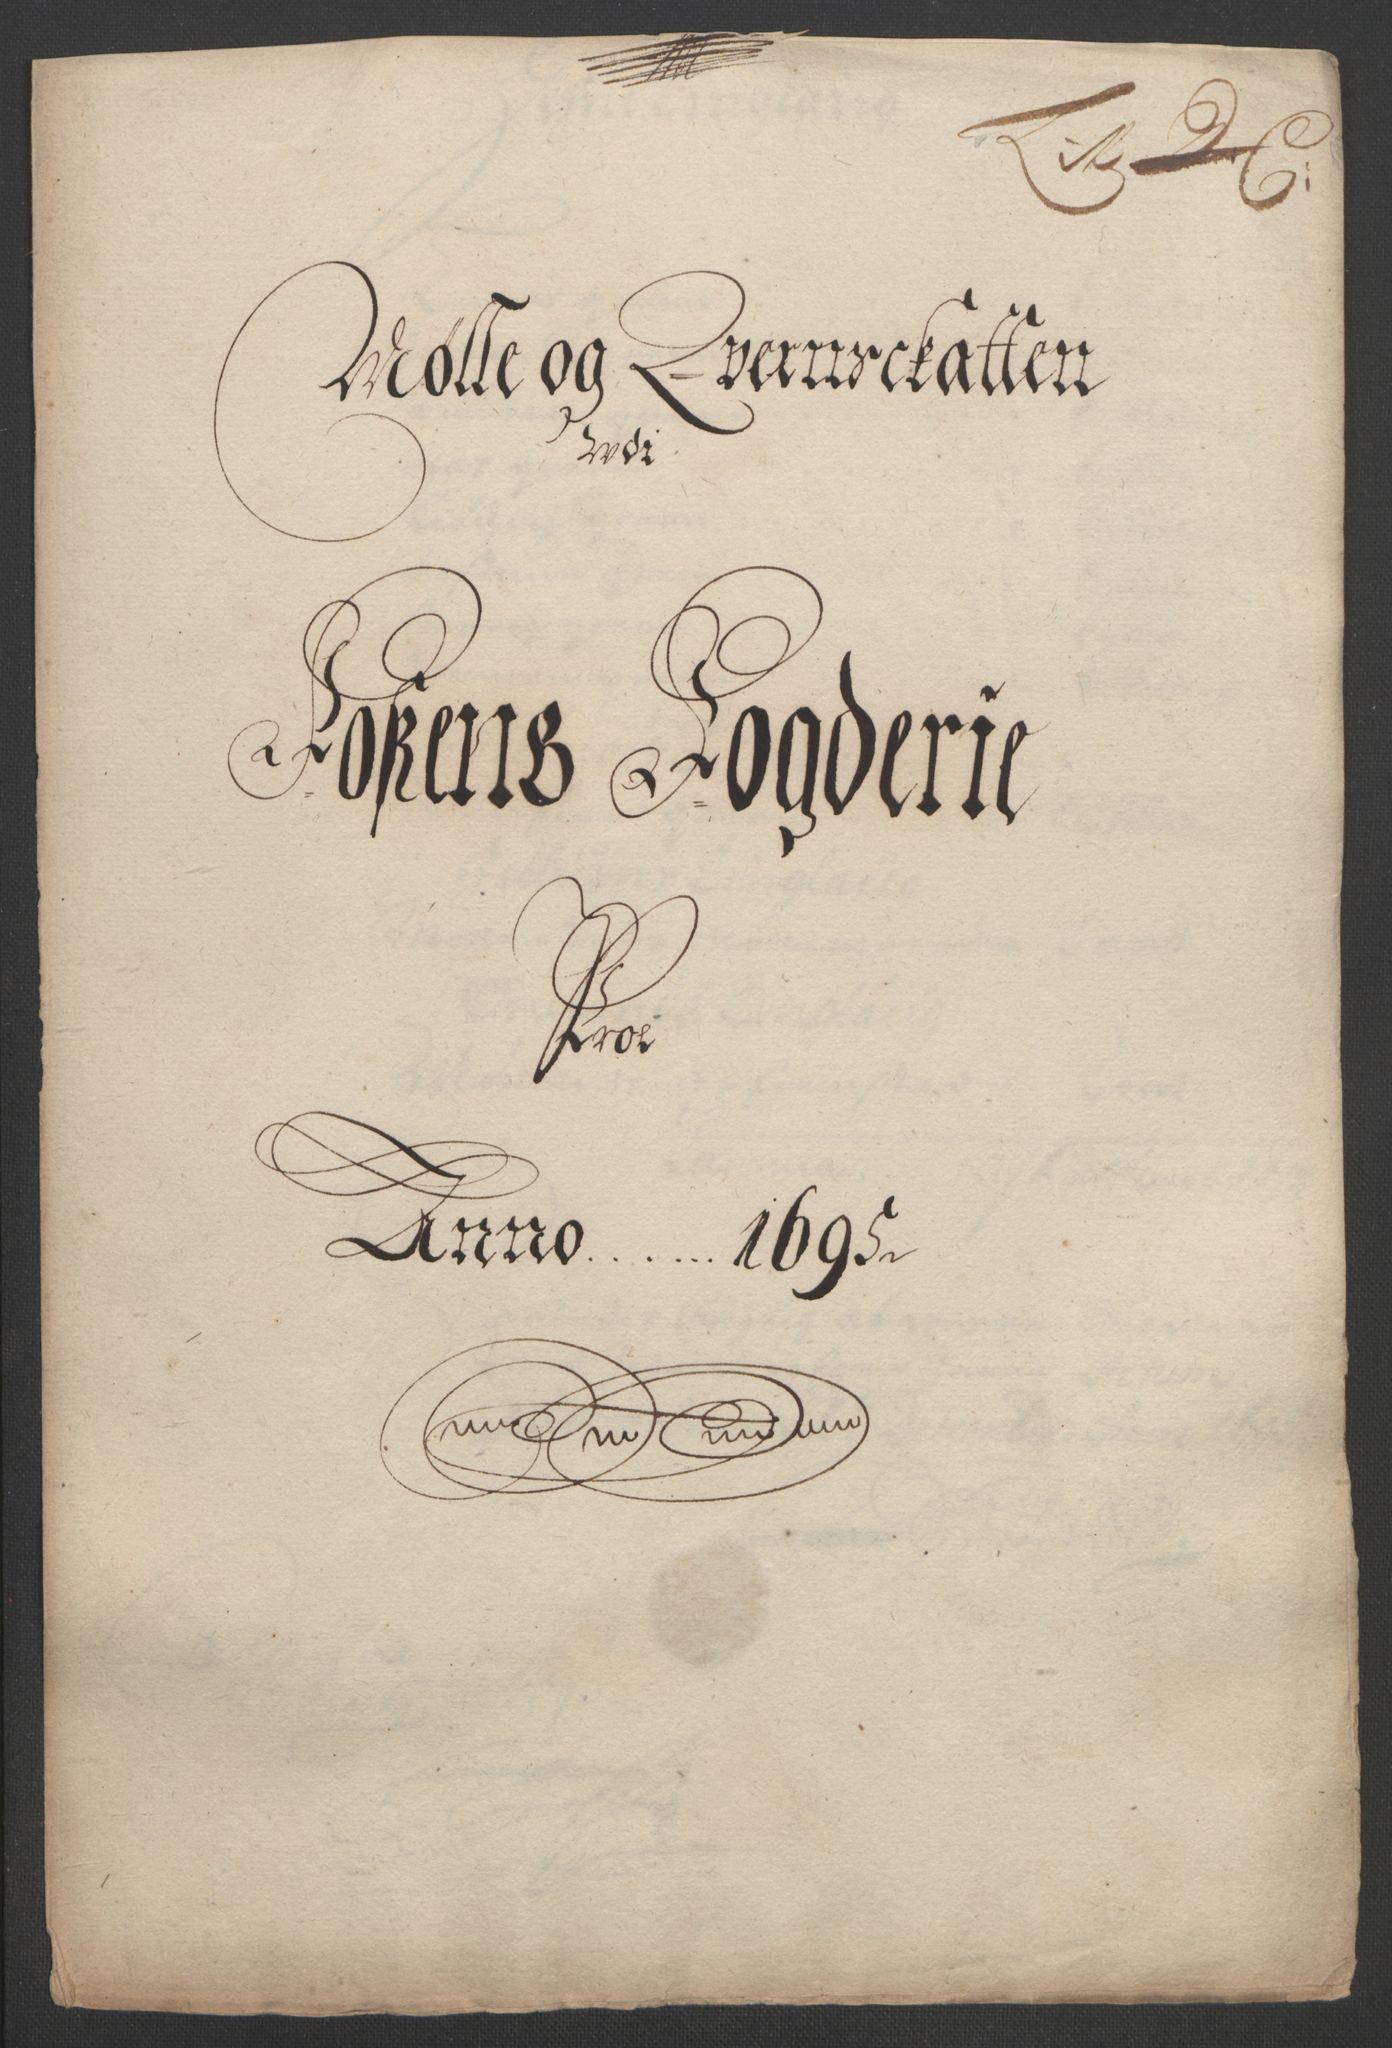 RA, Rentekammeret inntil 1814, Reviderte regnskaper, Fogderegnskap, R57/L3851: Fogderegnskap Fosen, 1695-1696, s. 78